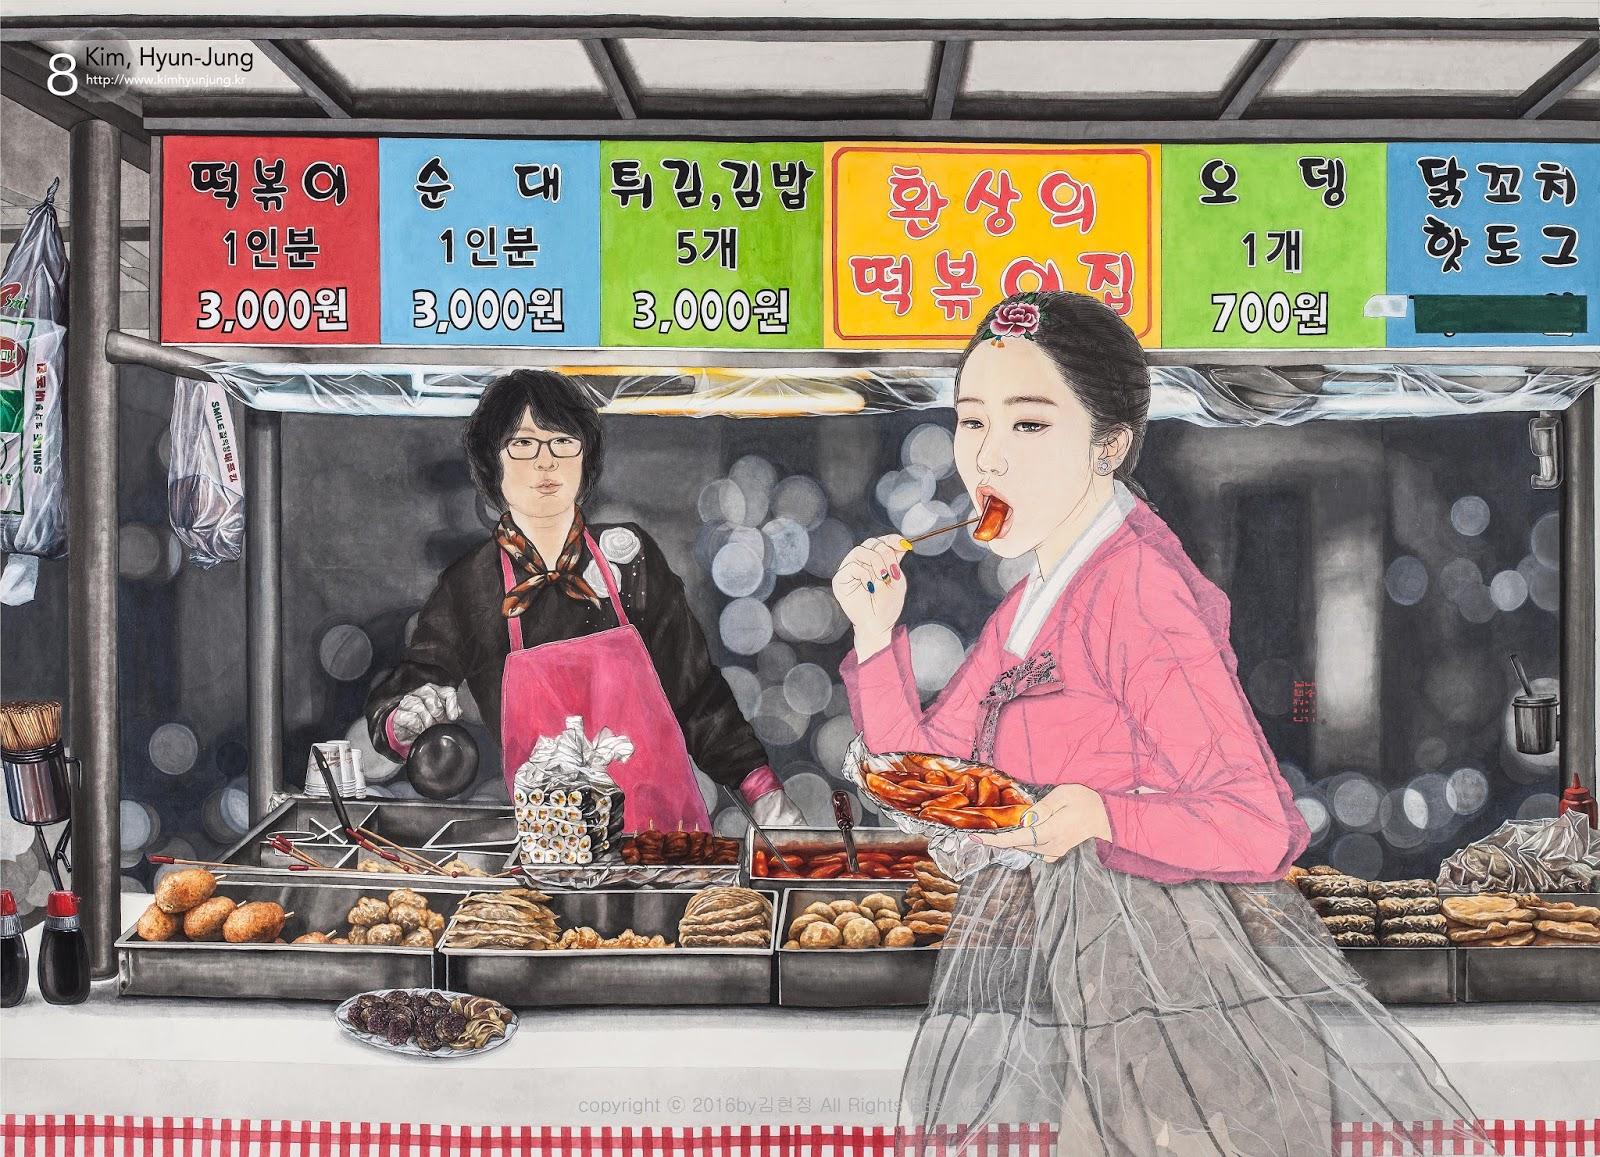 Kim Hyun-jung12